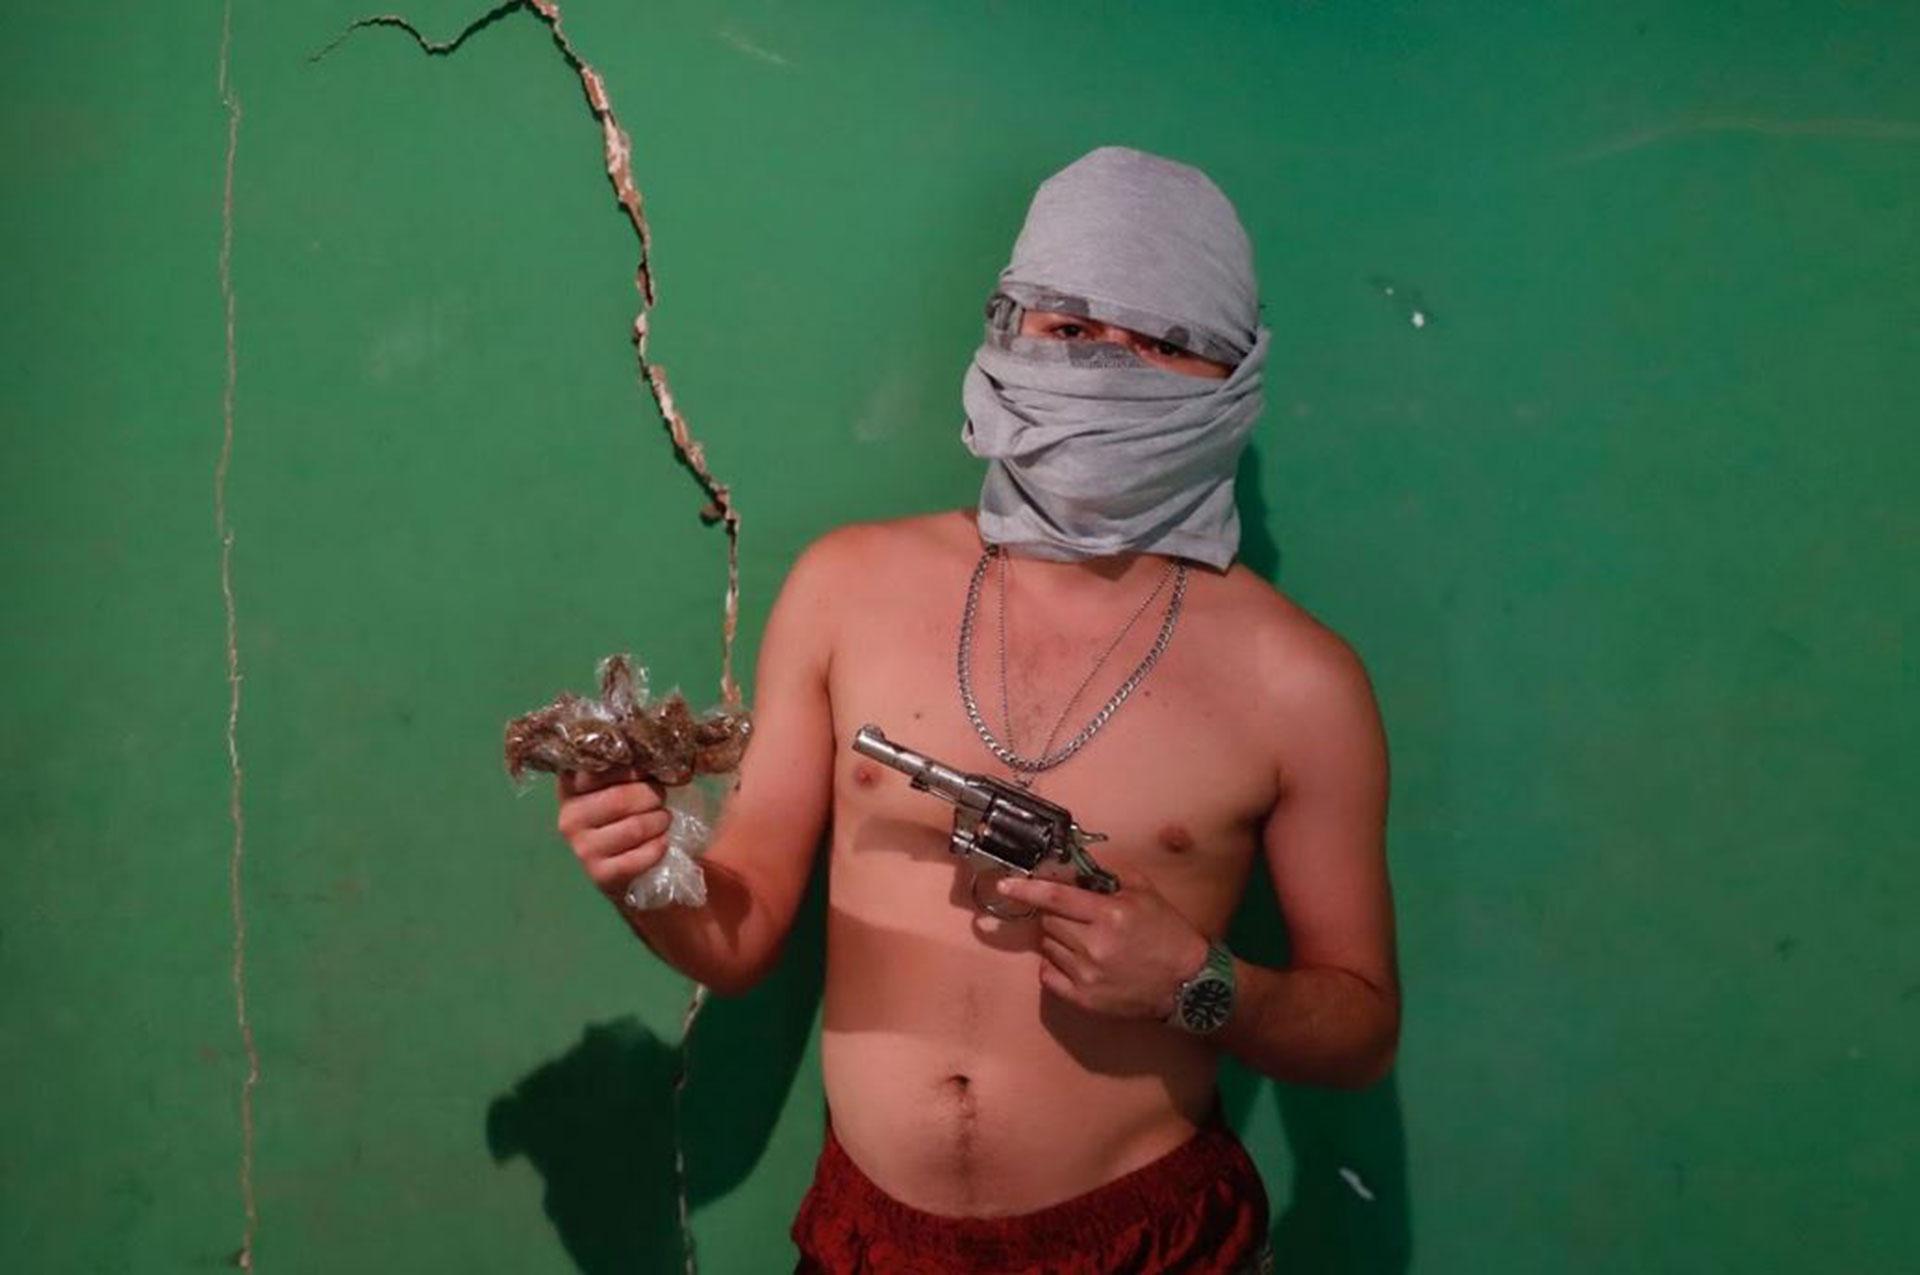 Un pandillero con el rostro cubierto y un arma en una de sus manos